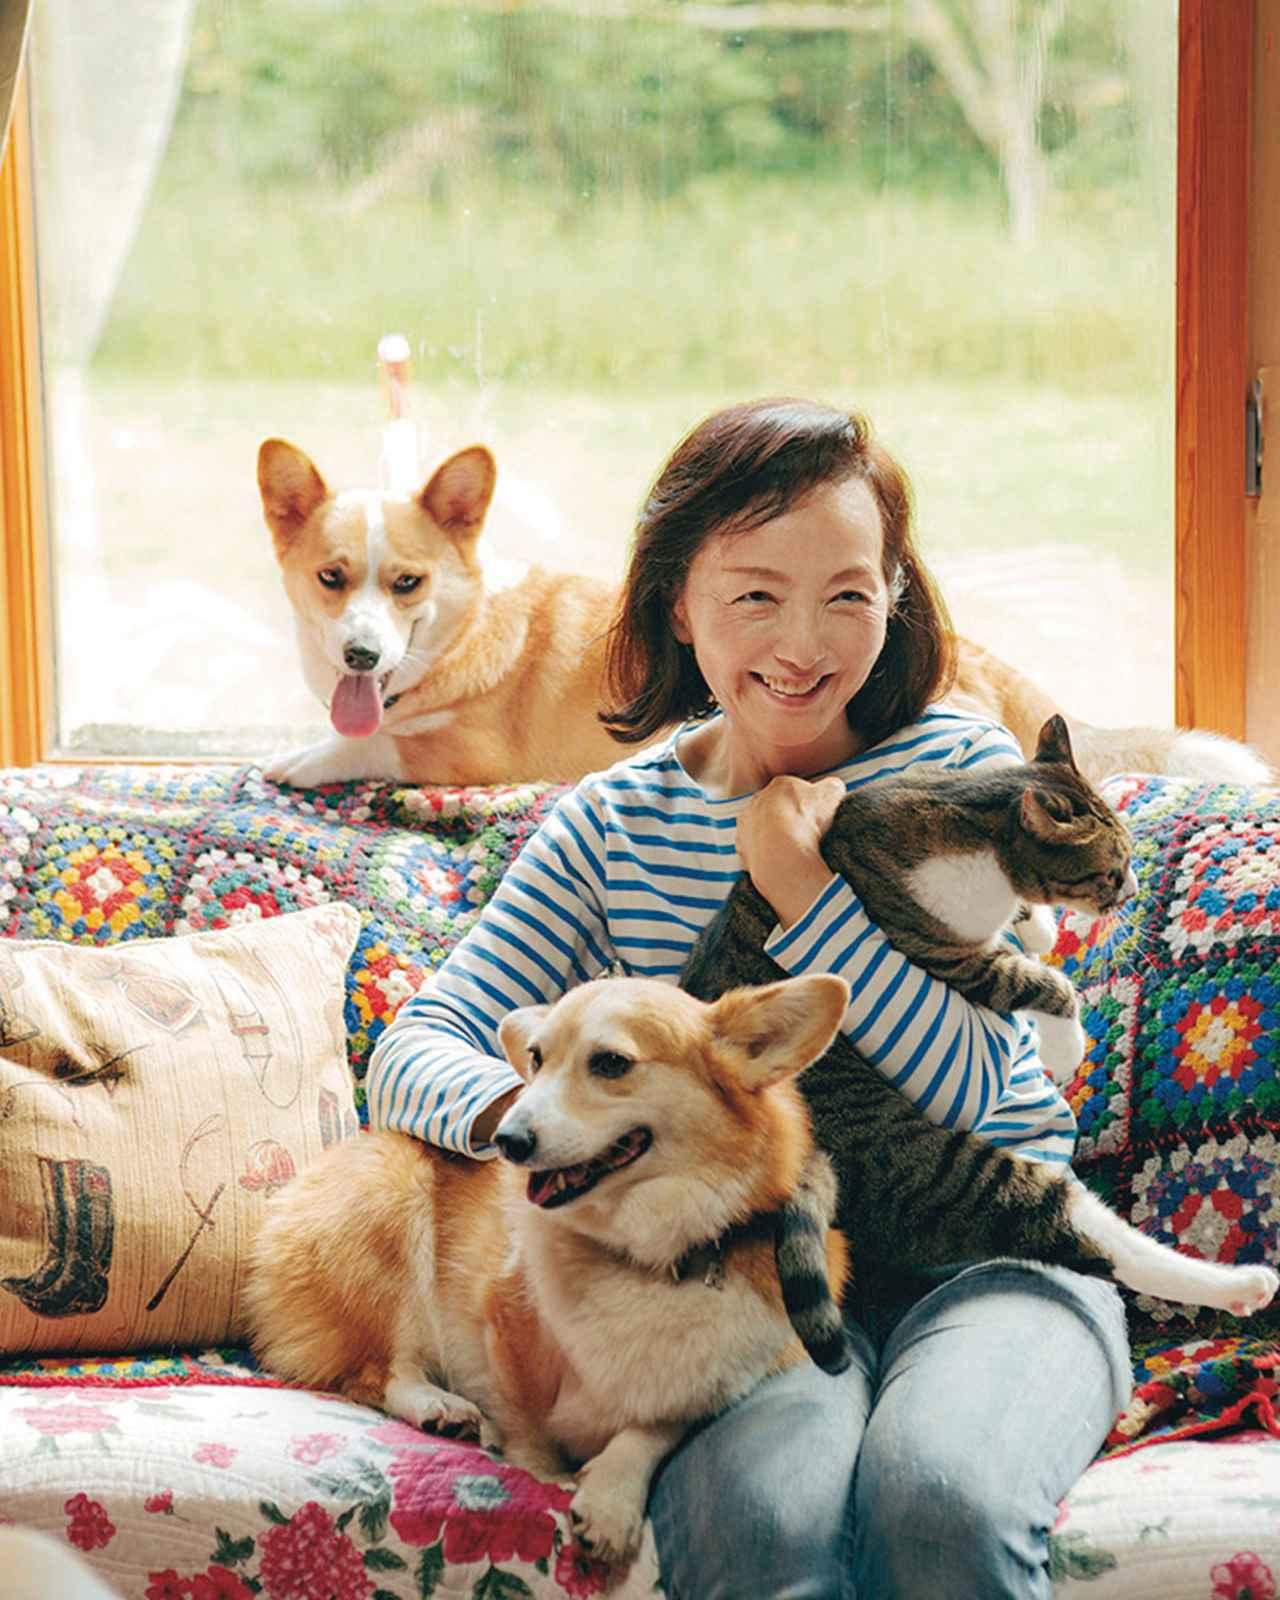 画像: 森の家のリビングにて。コーギーのれい、五郎丸、猫のゴーシュとともに。れいは馬とともに育ち、馬たちからしつけられた